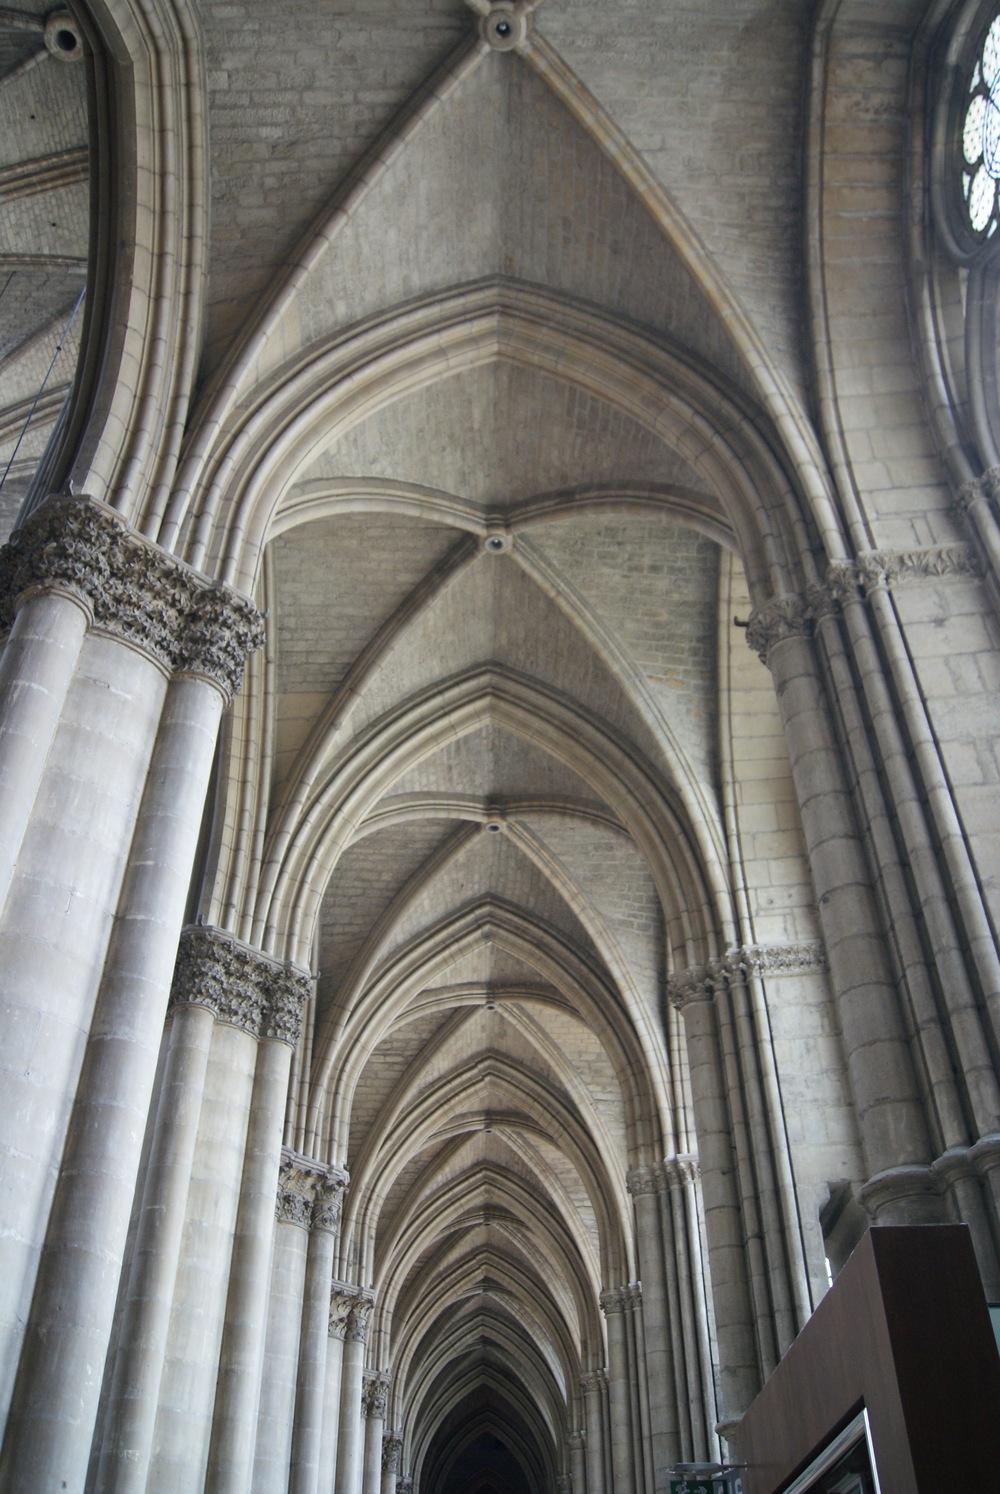 Pretty arches!